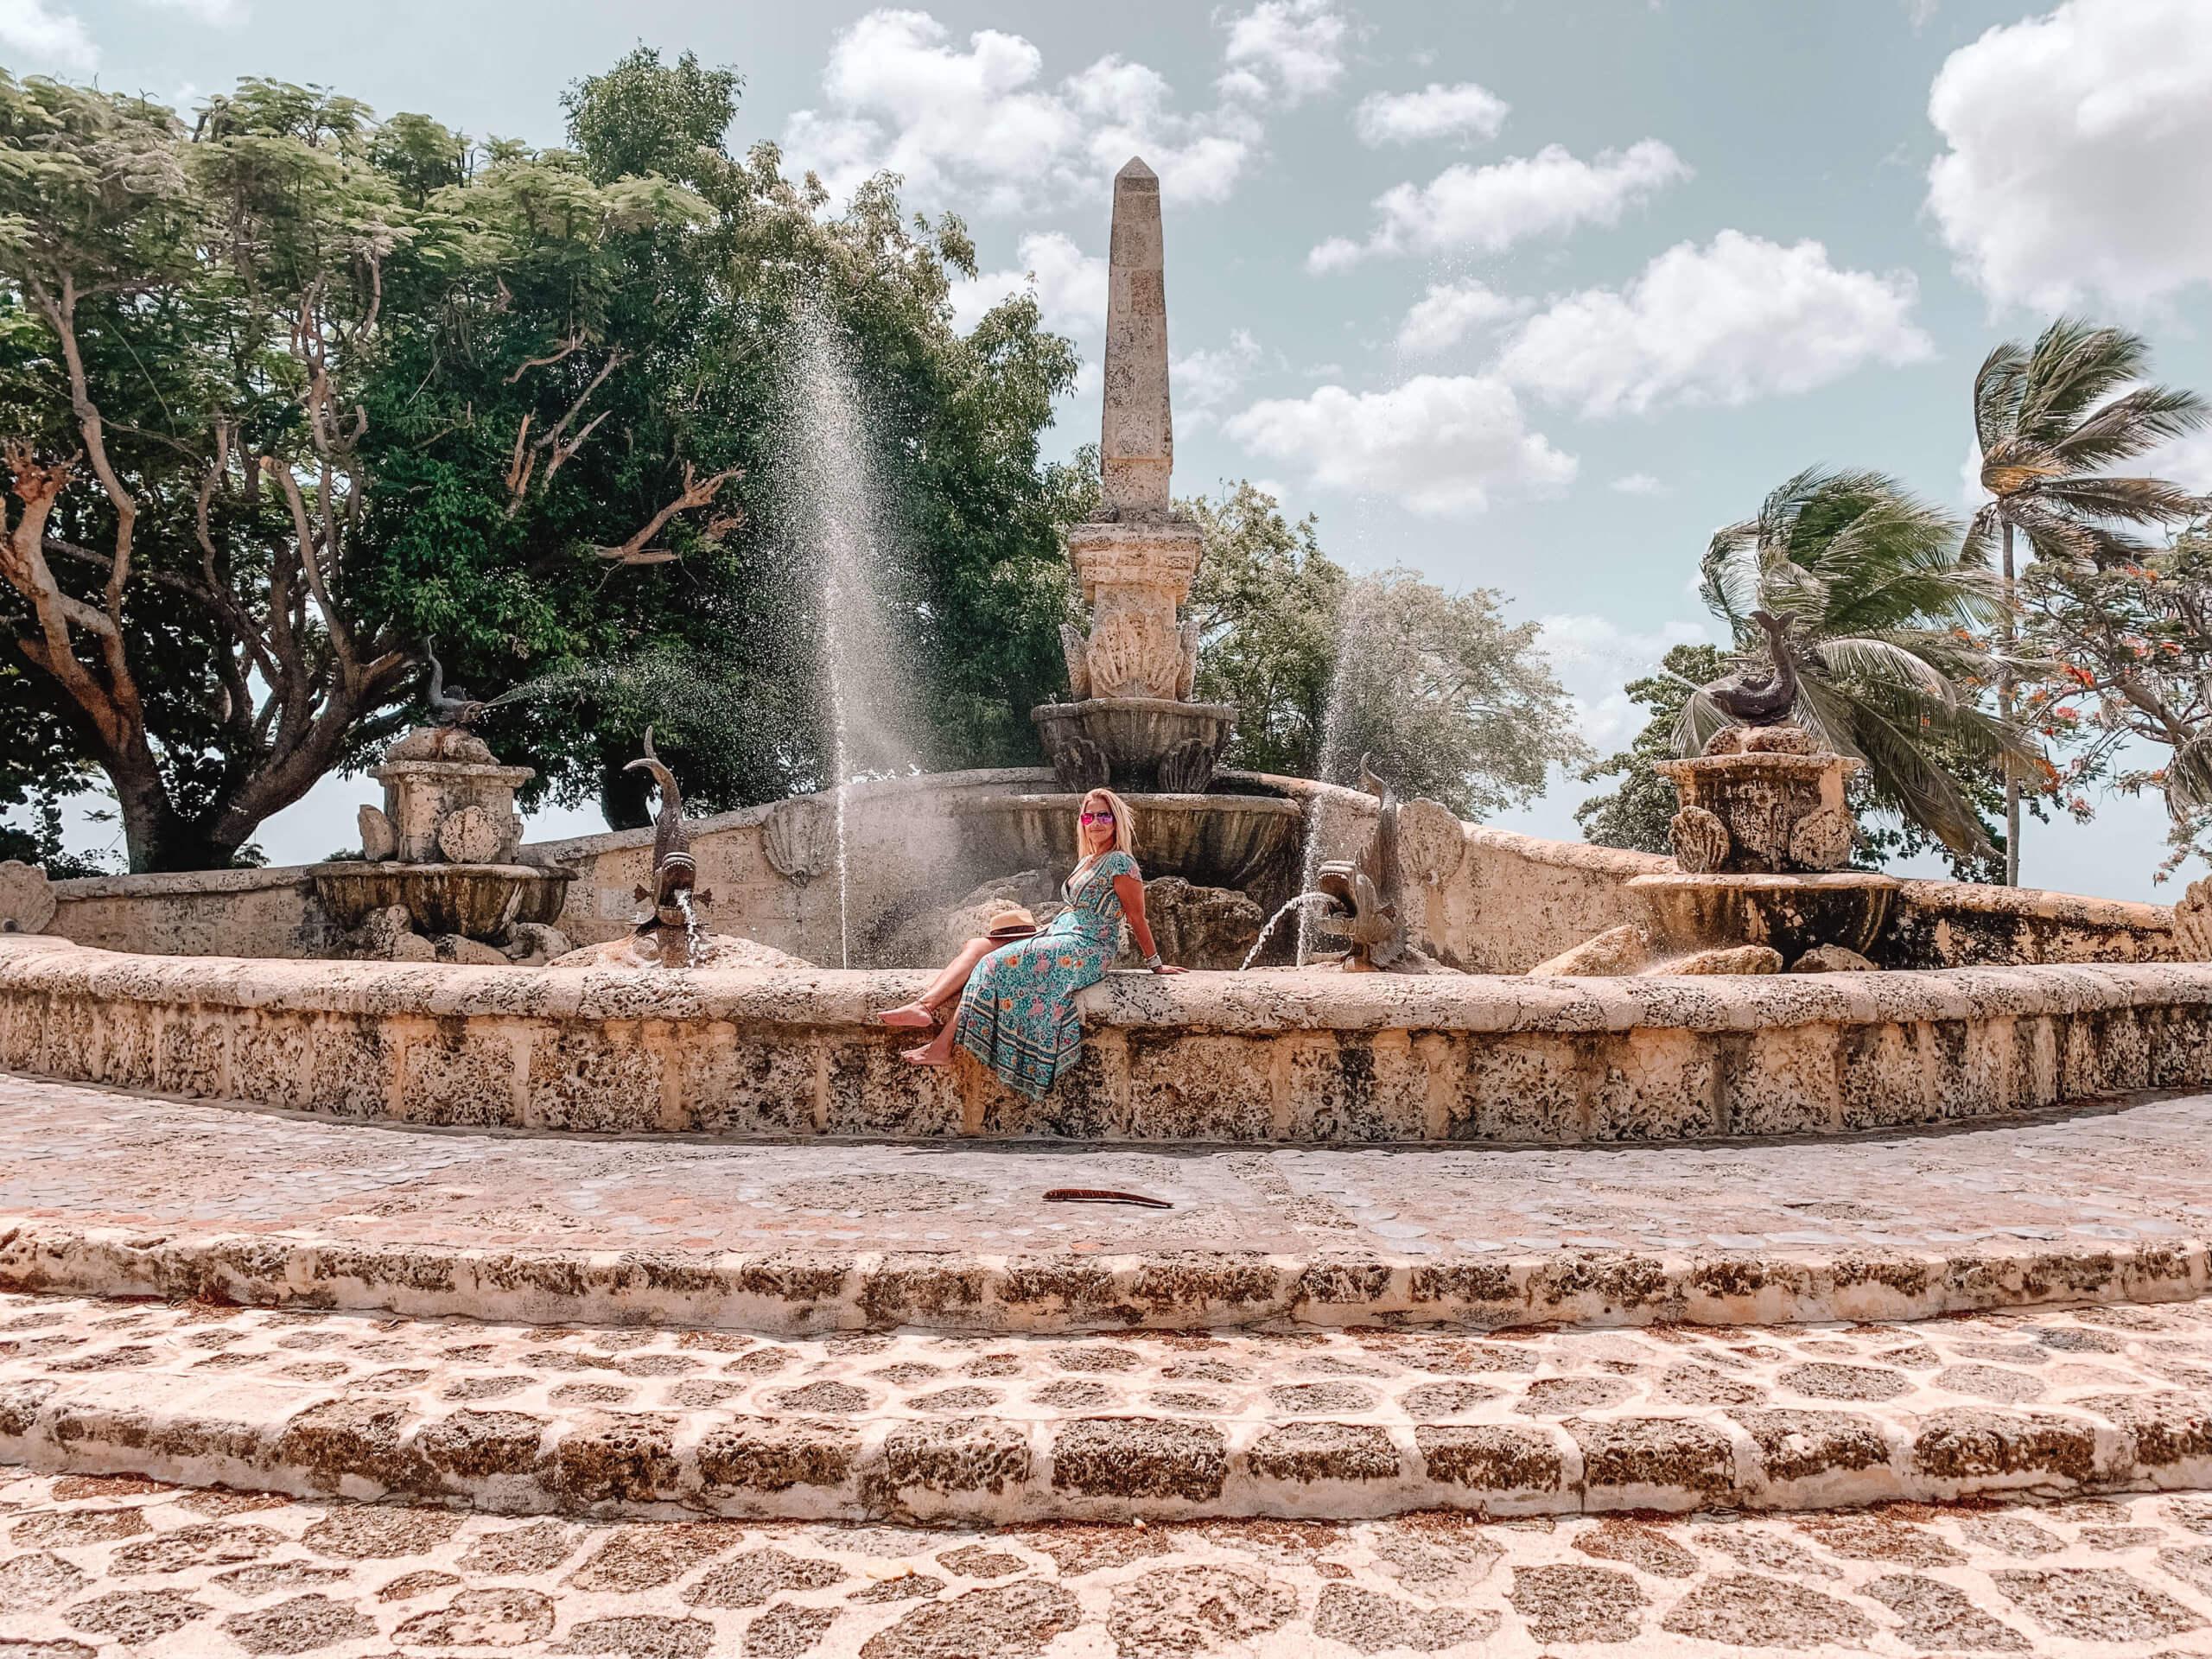 Altos de Chavón La Romana | An Amazing Journey to the Past